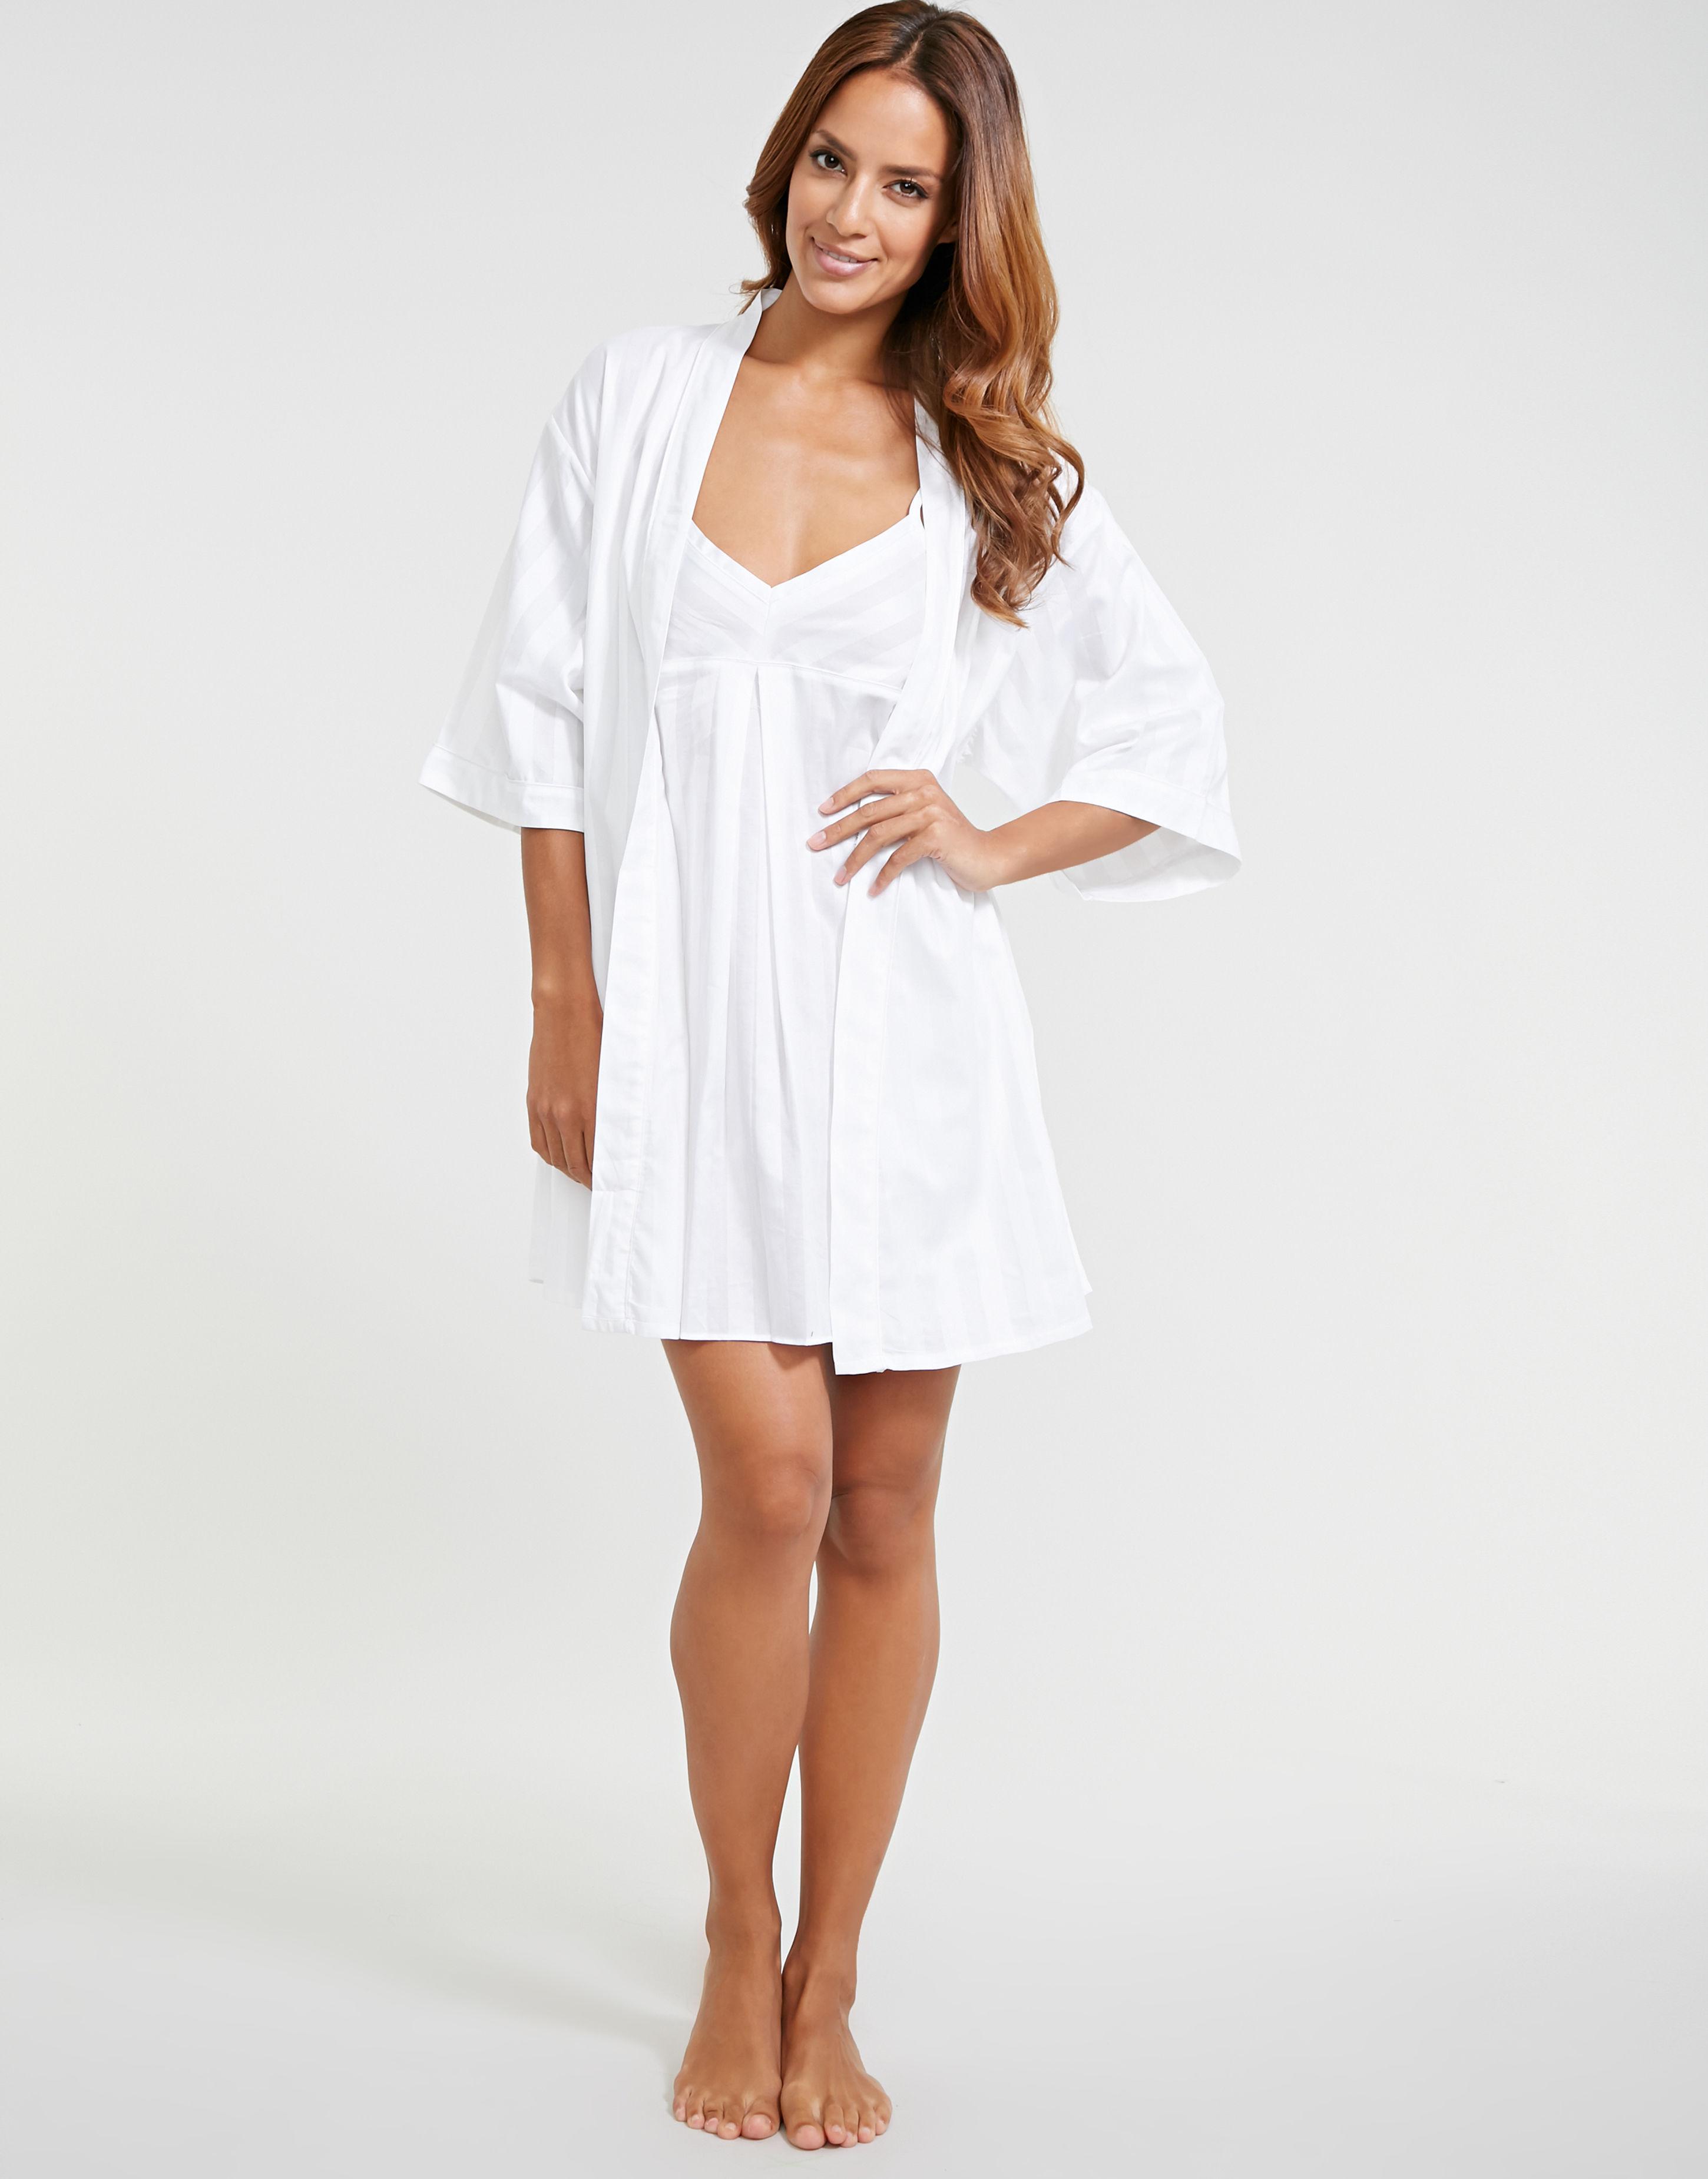 1cbe723fb3 Bodas Cotton Nightwear Short Robe in White - Lyst